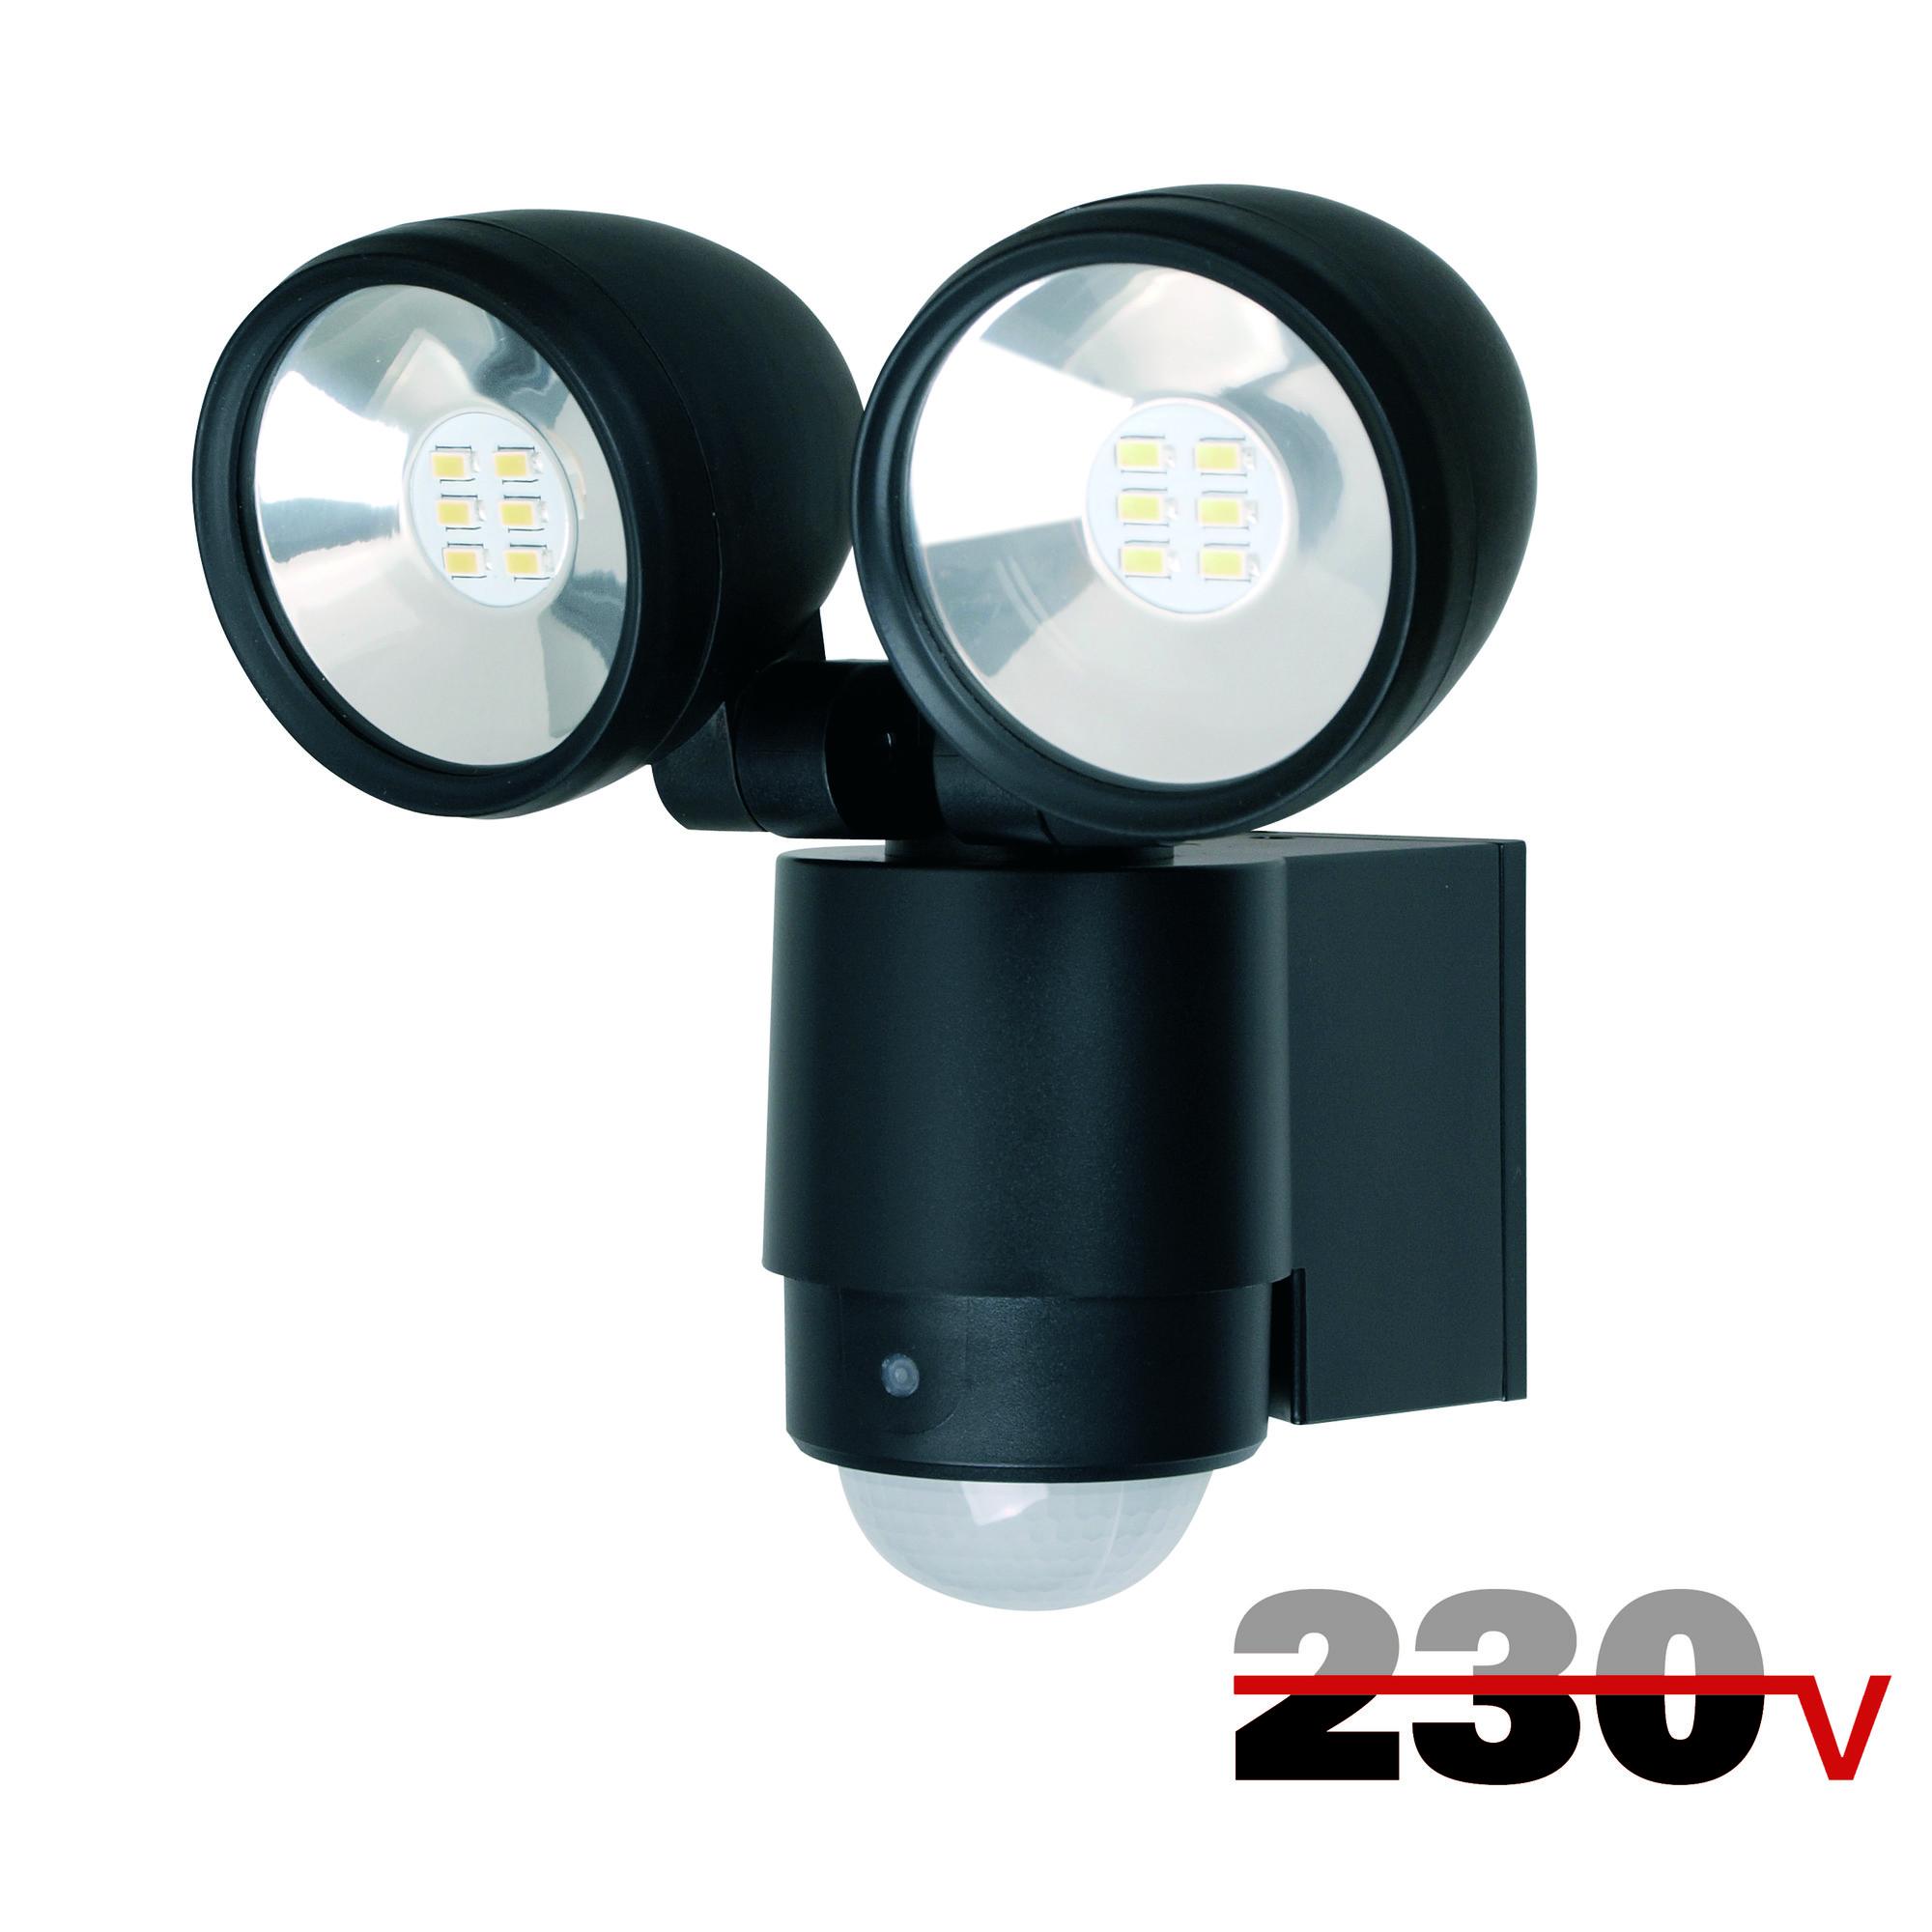 220V Wandlamp Umbriel